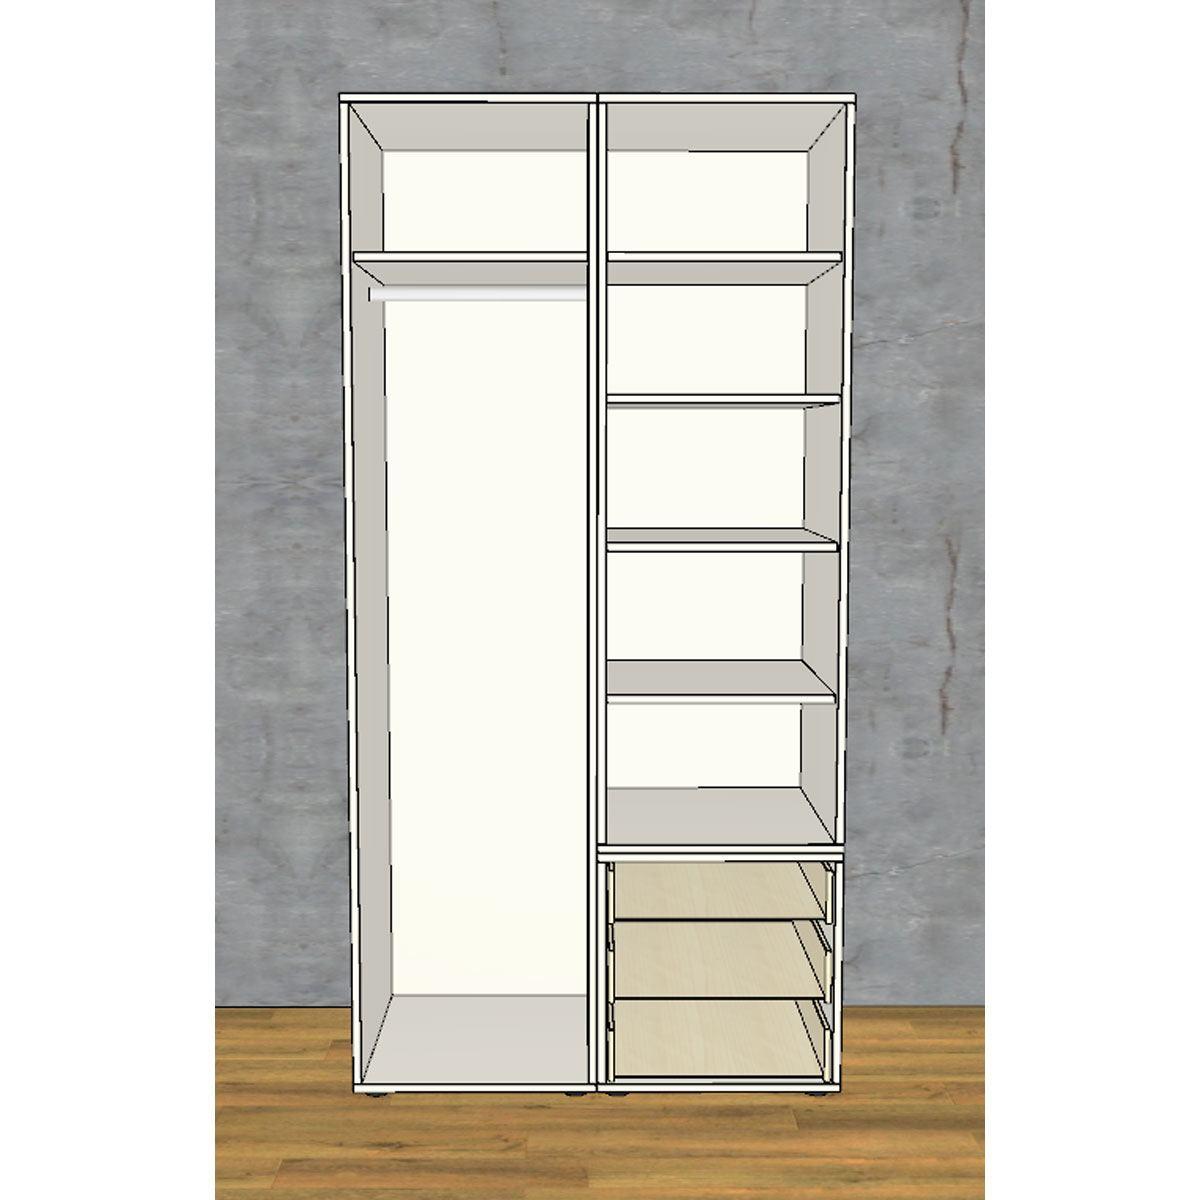 rudolf m bel fiftytwo kleiderschrank guenstiger kaufen bei. Black Bedroom Furniture Sets. Home Design Ideas